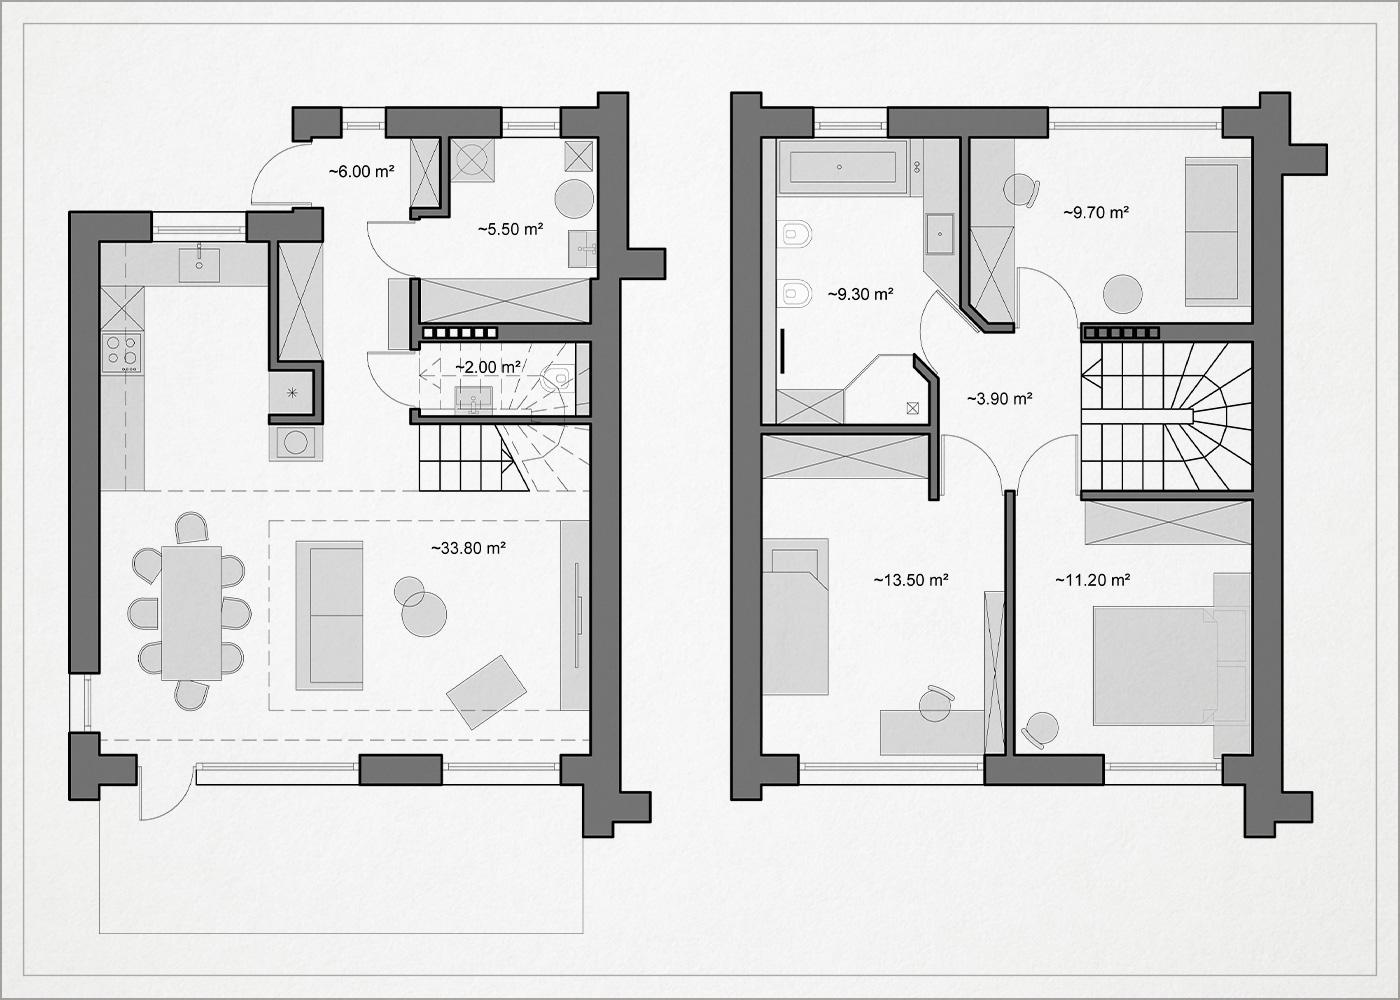 architekturinis planas - kotedzas pavilnyje